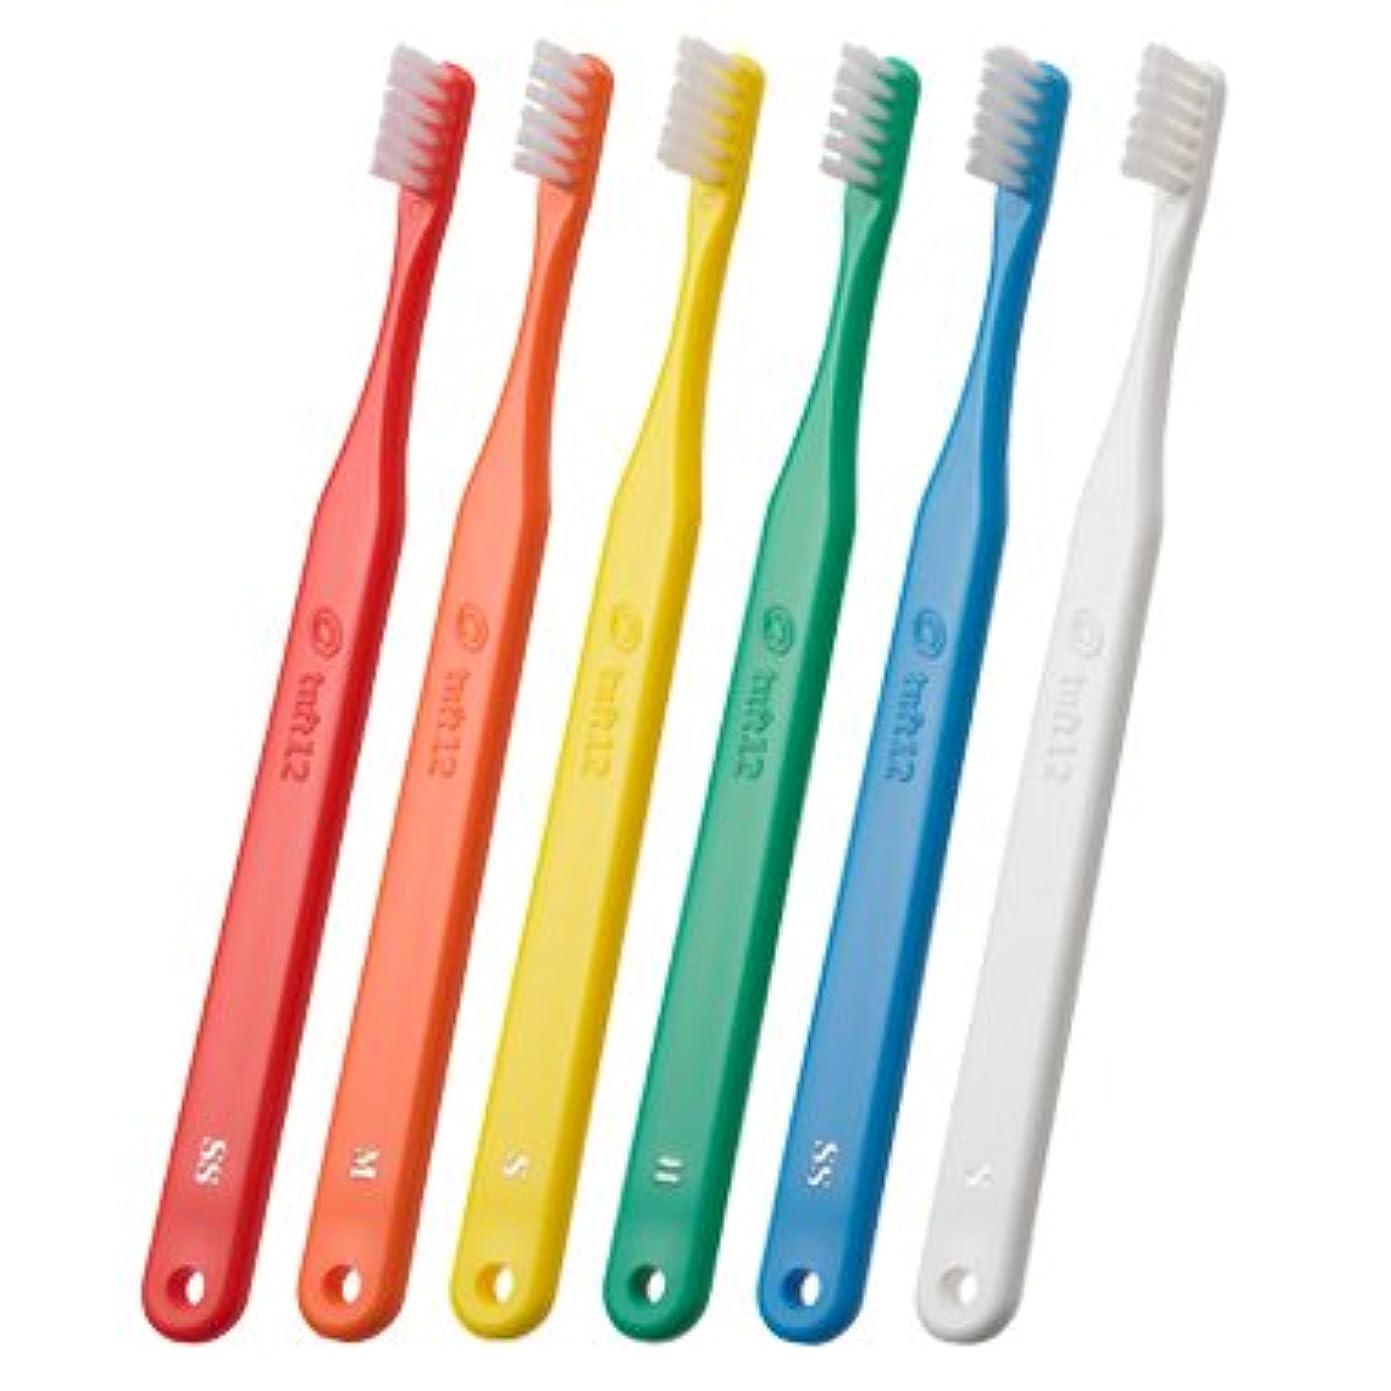 お勧め短くする娯楽歯科用 タフト12 S 25本 ソフト【歯ブラシ】【やわらかめ】矯正患者さん向け _ ブルー